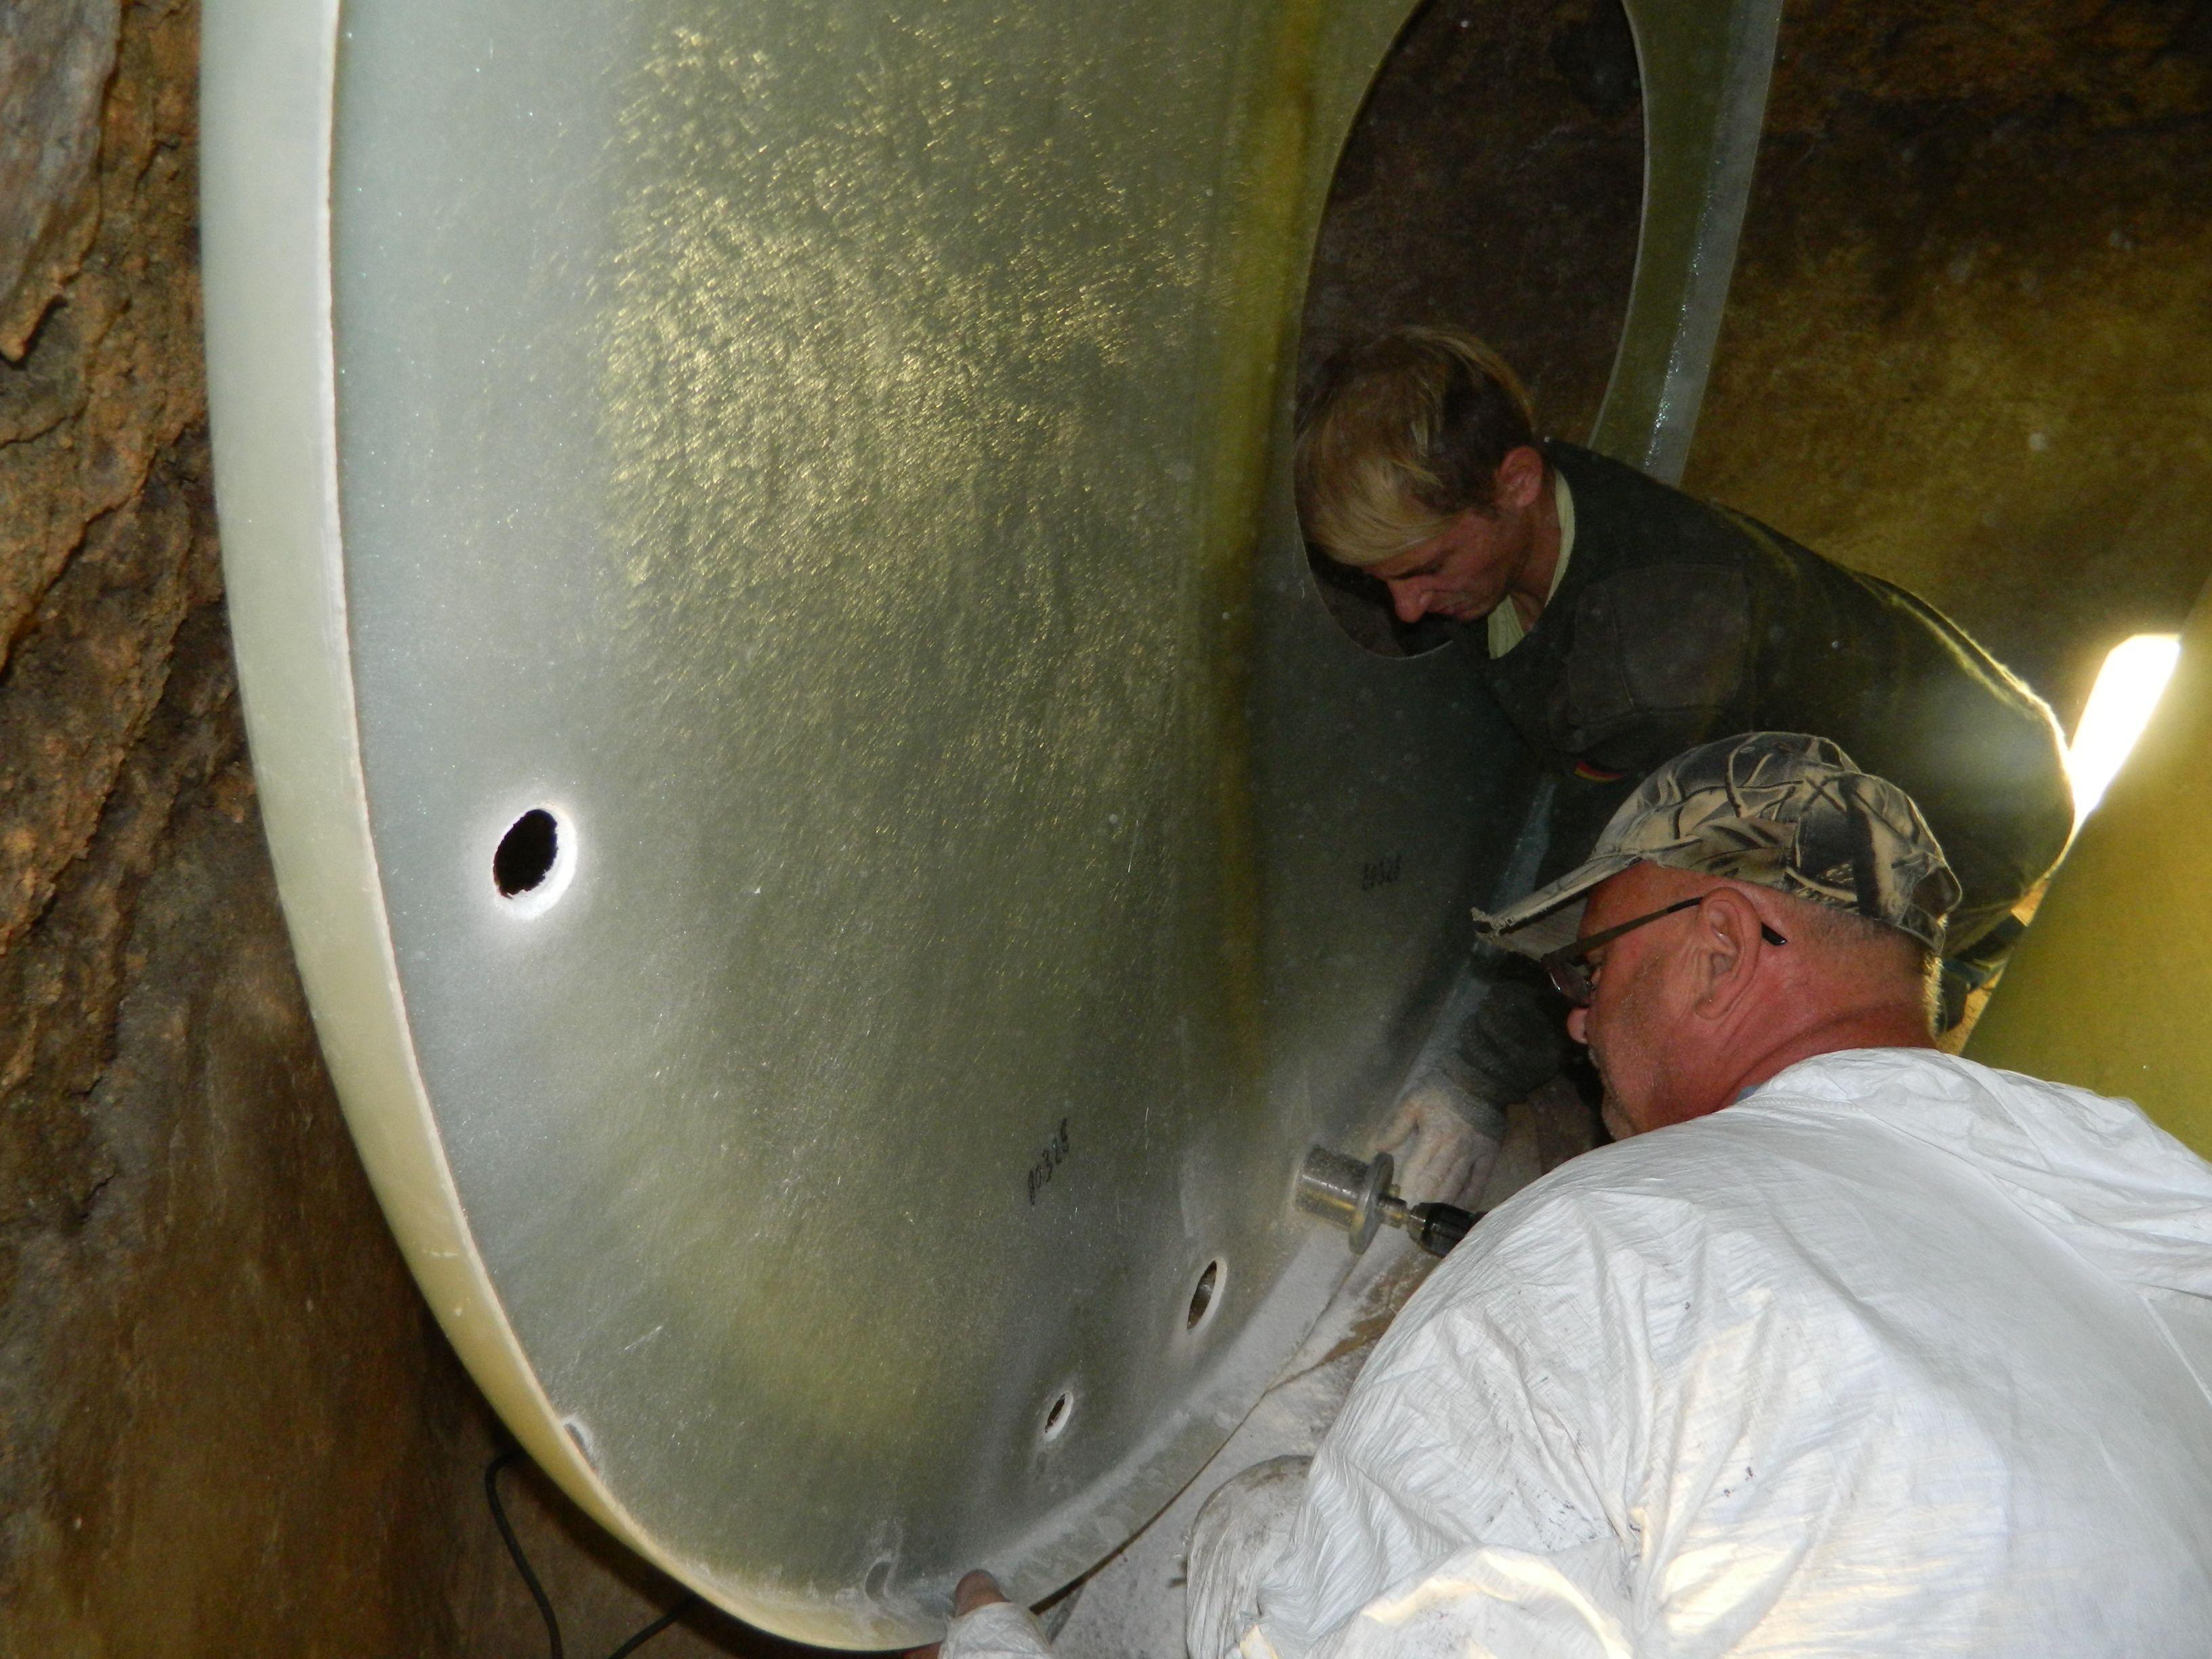 Die Wandung ist aufgerollt wie ein Teppich, Deckel und Boden werden wenn nötig halbiert. So findet der #Tank den Weg in jeden #Keller